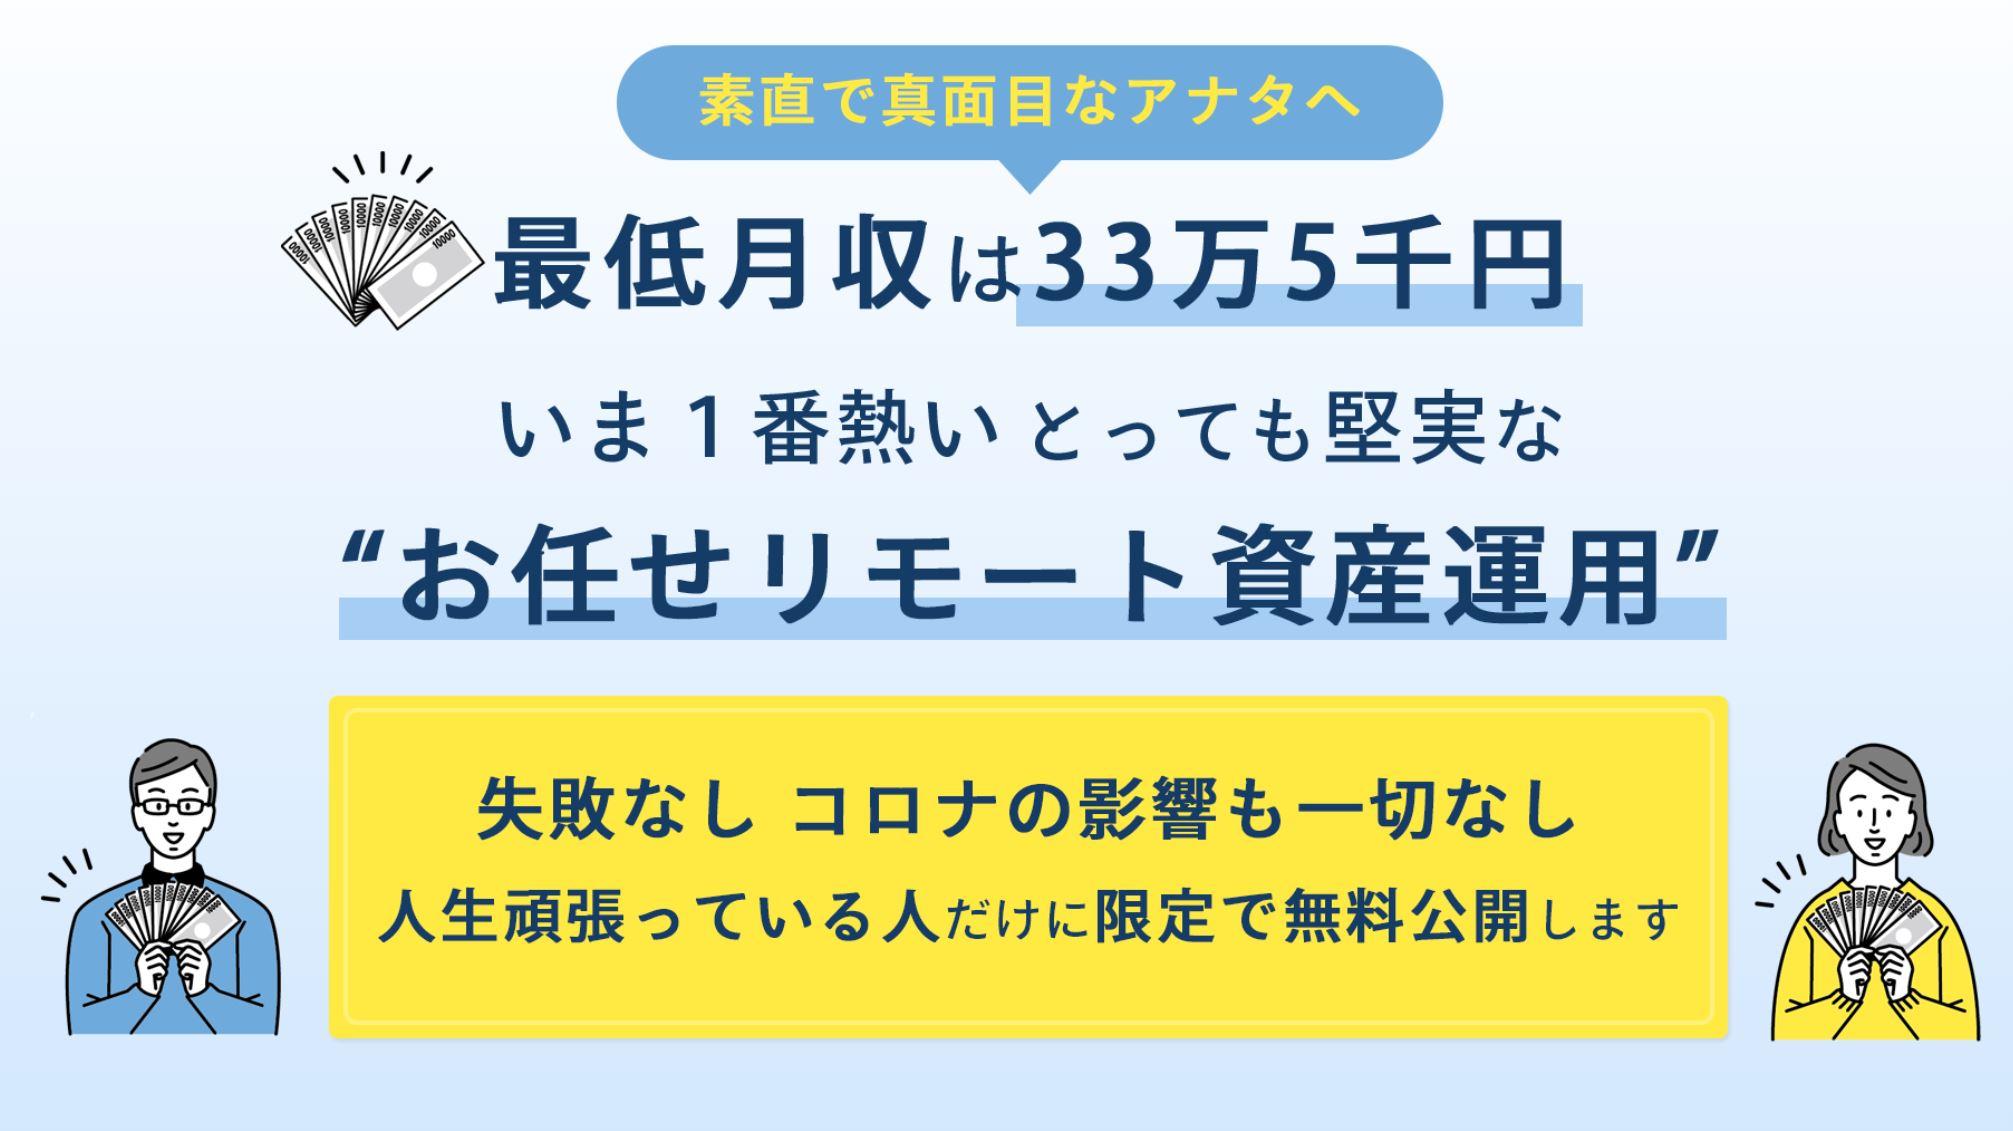 お任せリモート資産運用 最低月収33.5万円は詐欺?副業案件調査